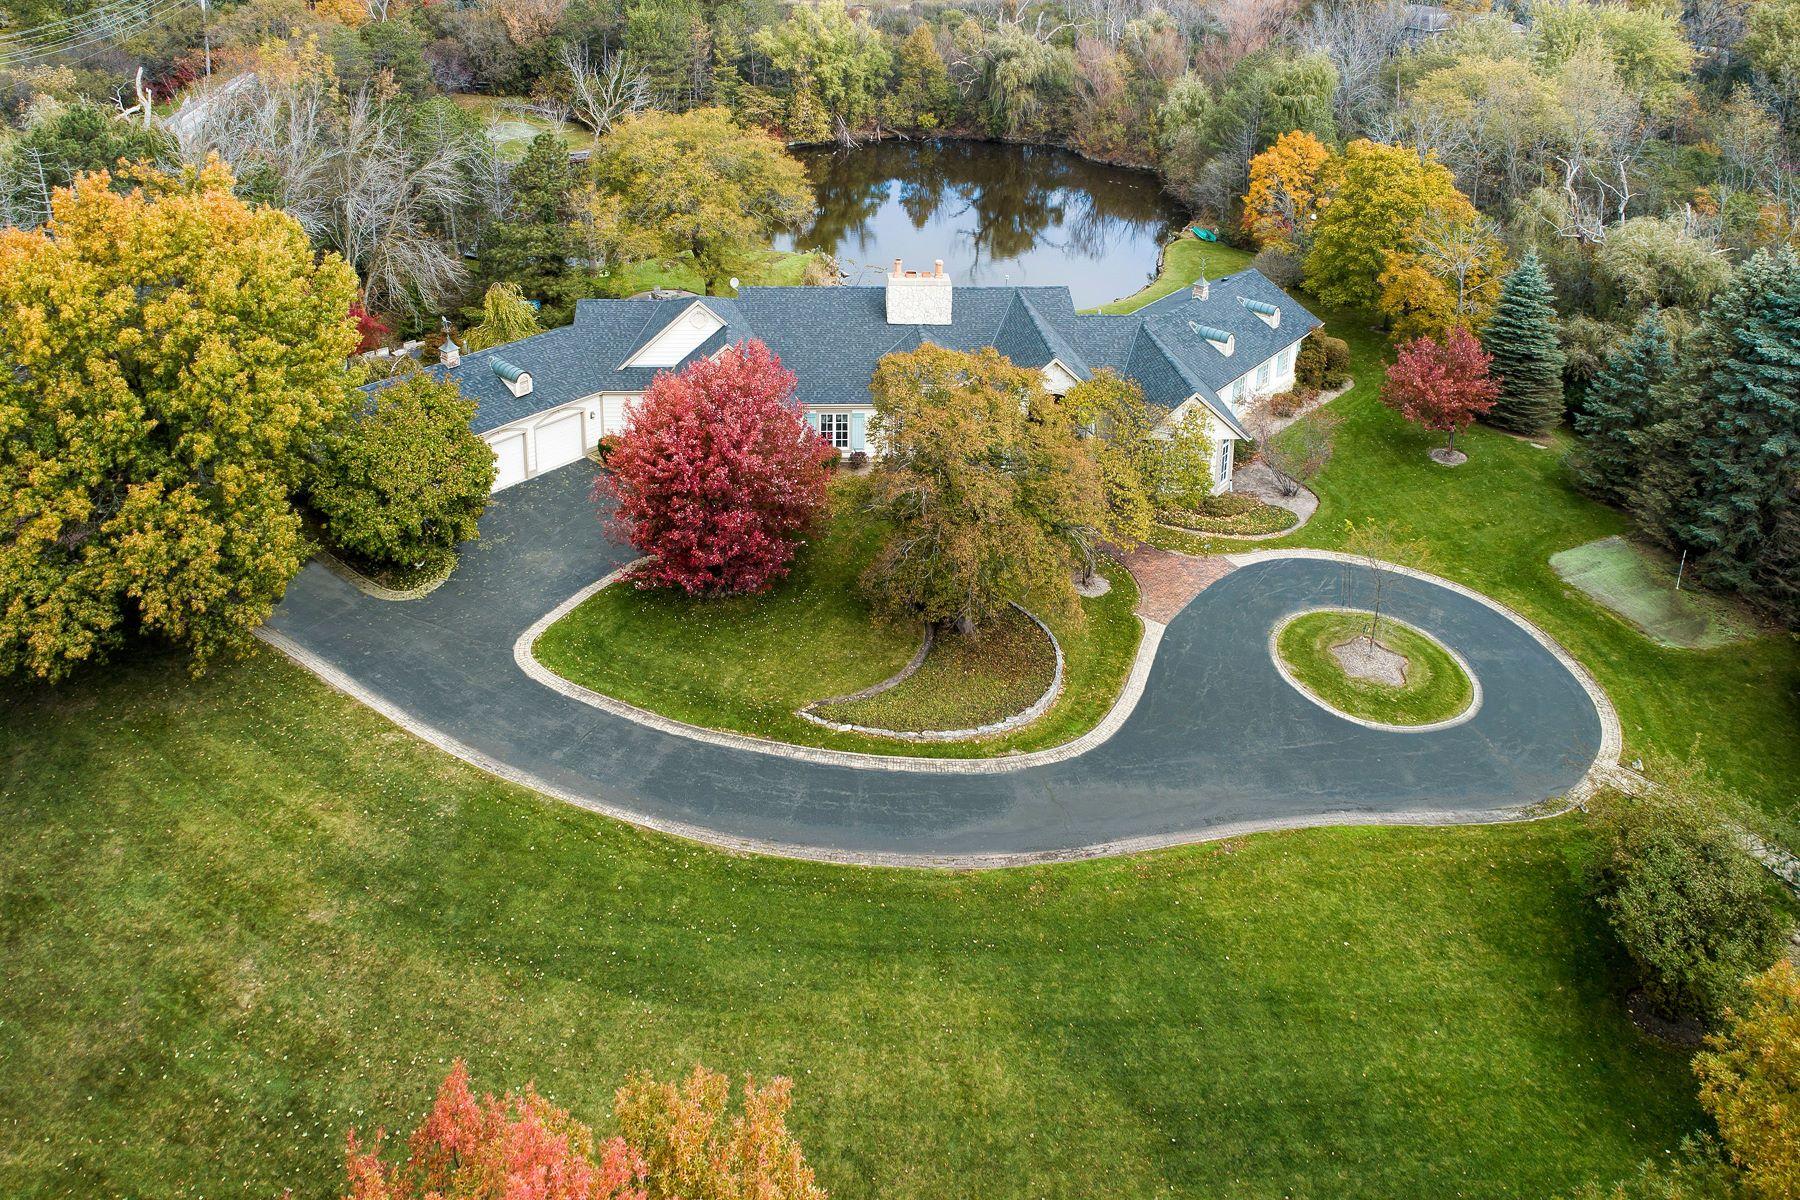 Single Family Homes für Verkauf beim Artfully Designed Bannockburn Home 1963 Wilmot Road, Bannockburn, Illinois 60015 Vereinigte Staaten